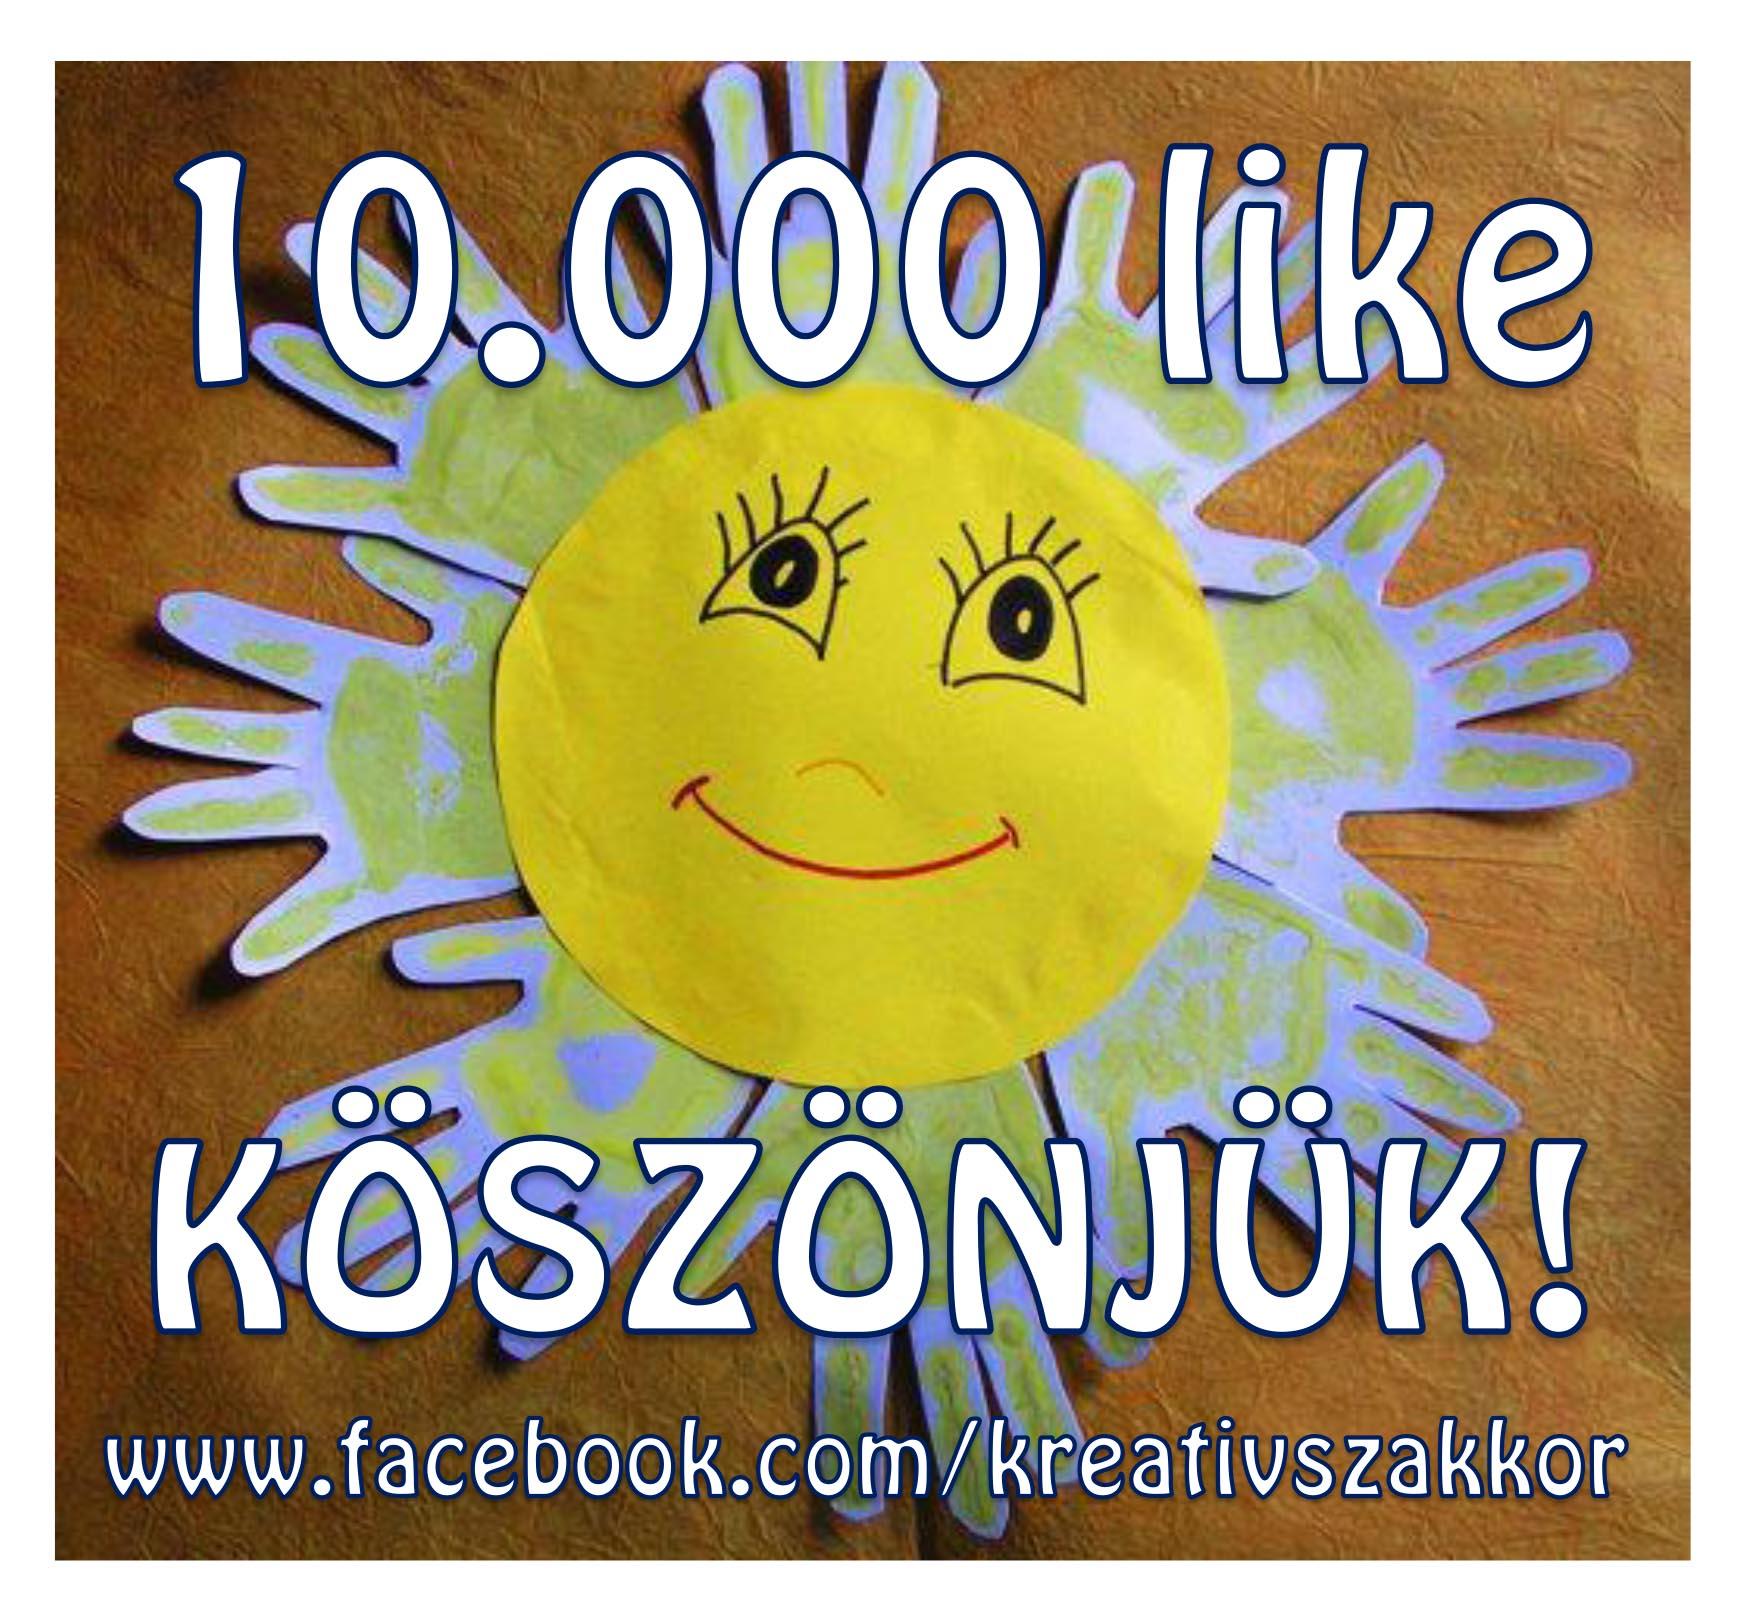 10_000_like_facebook.jpg